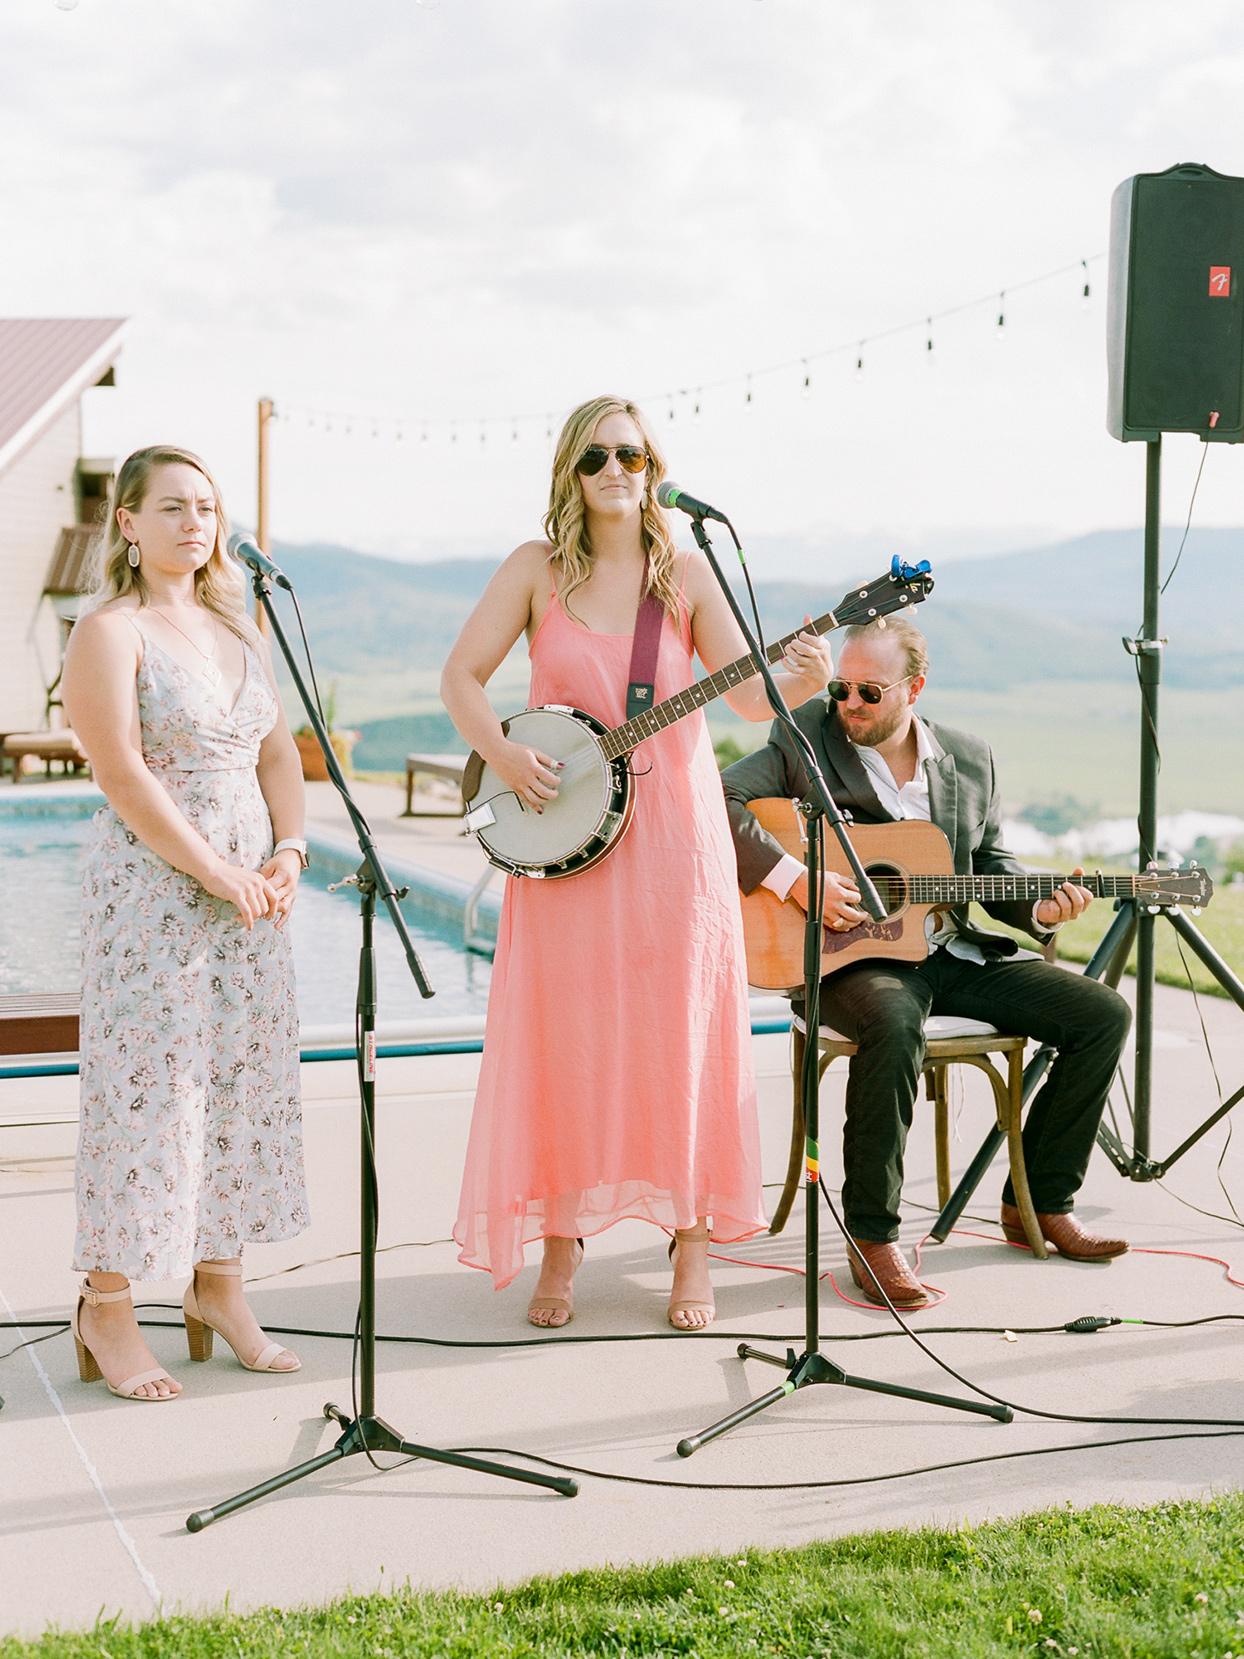 logan conor wedding ceremony musicians